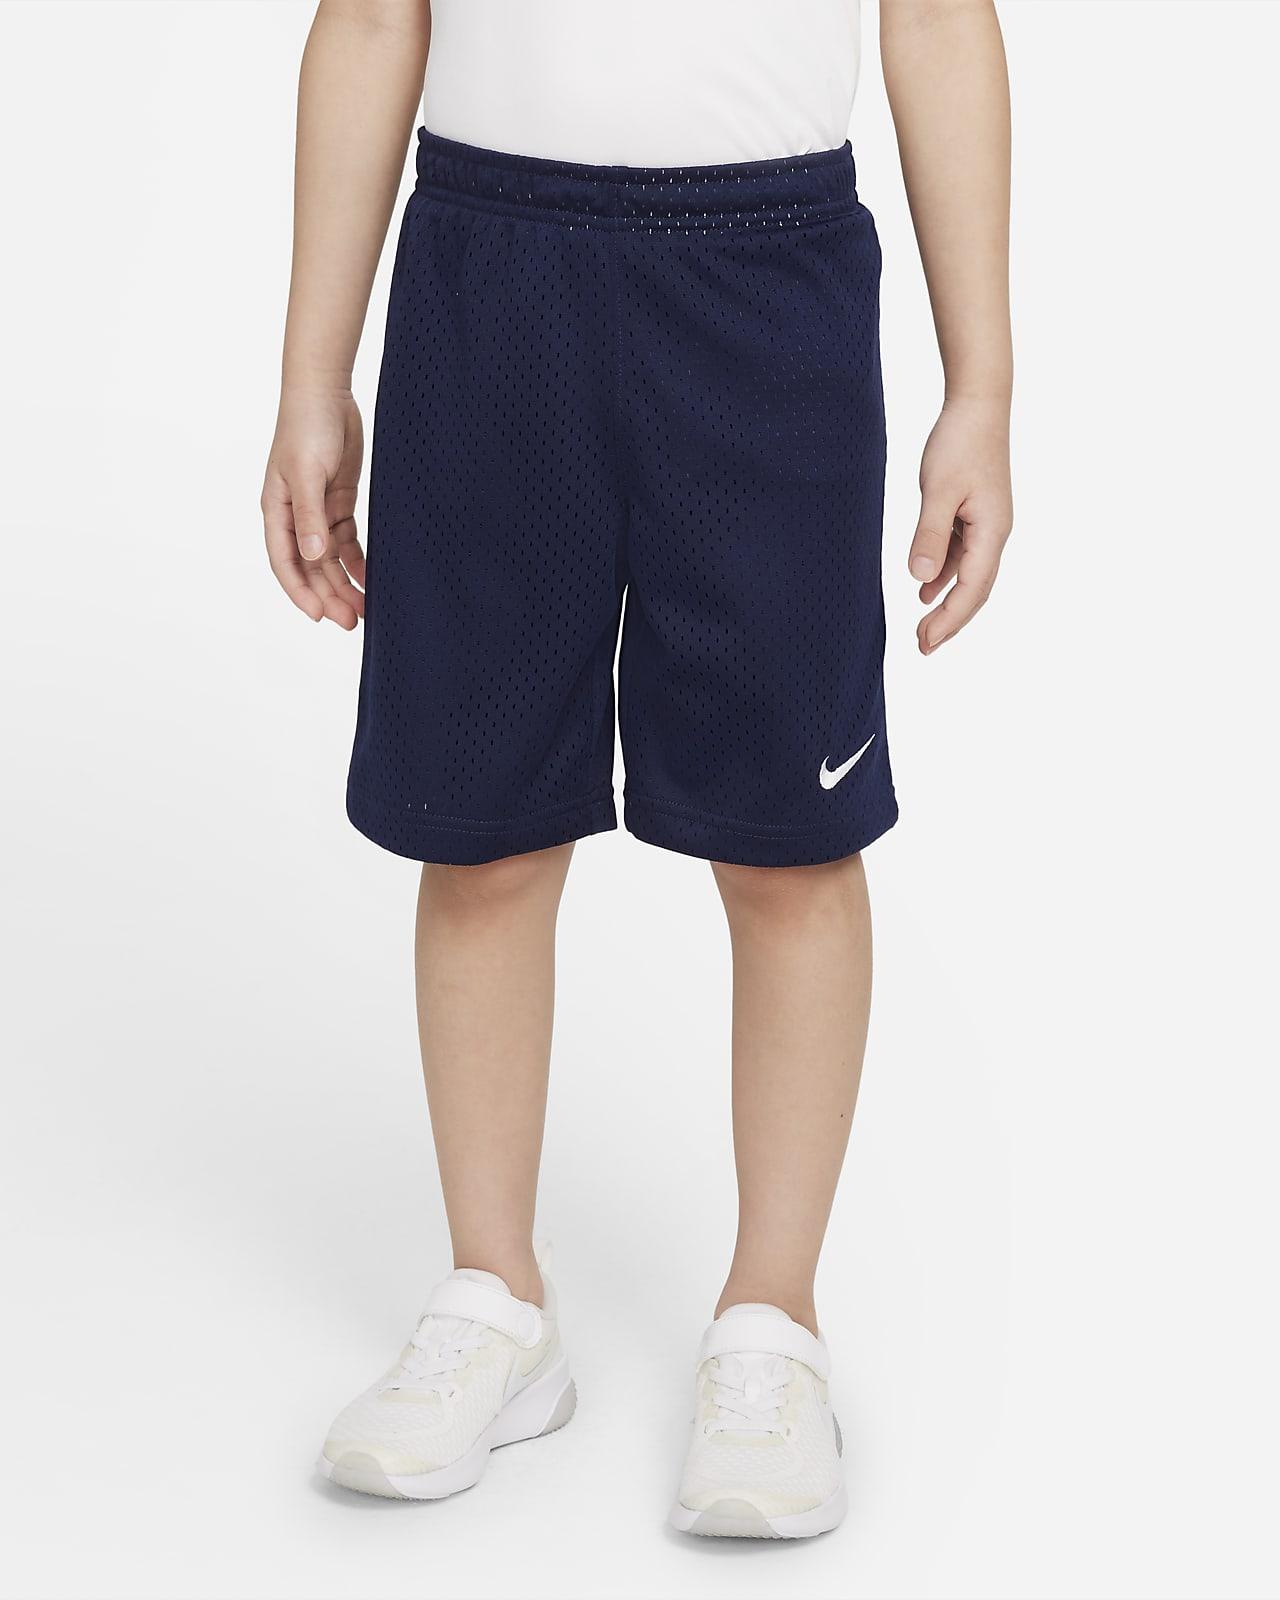 Nike 幼童短裤